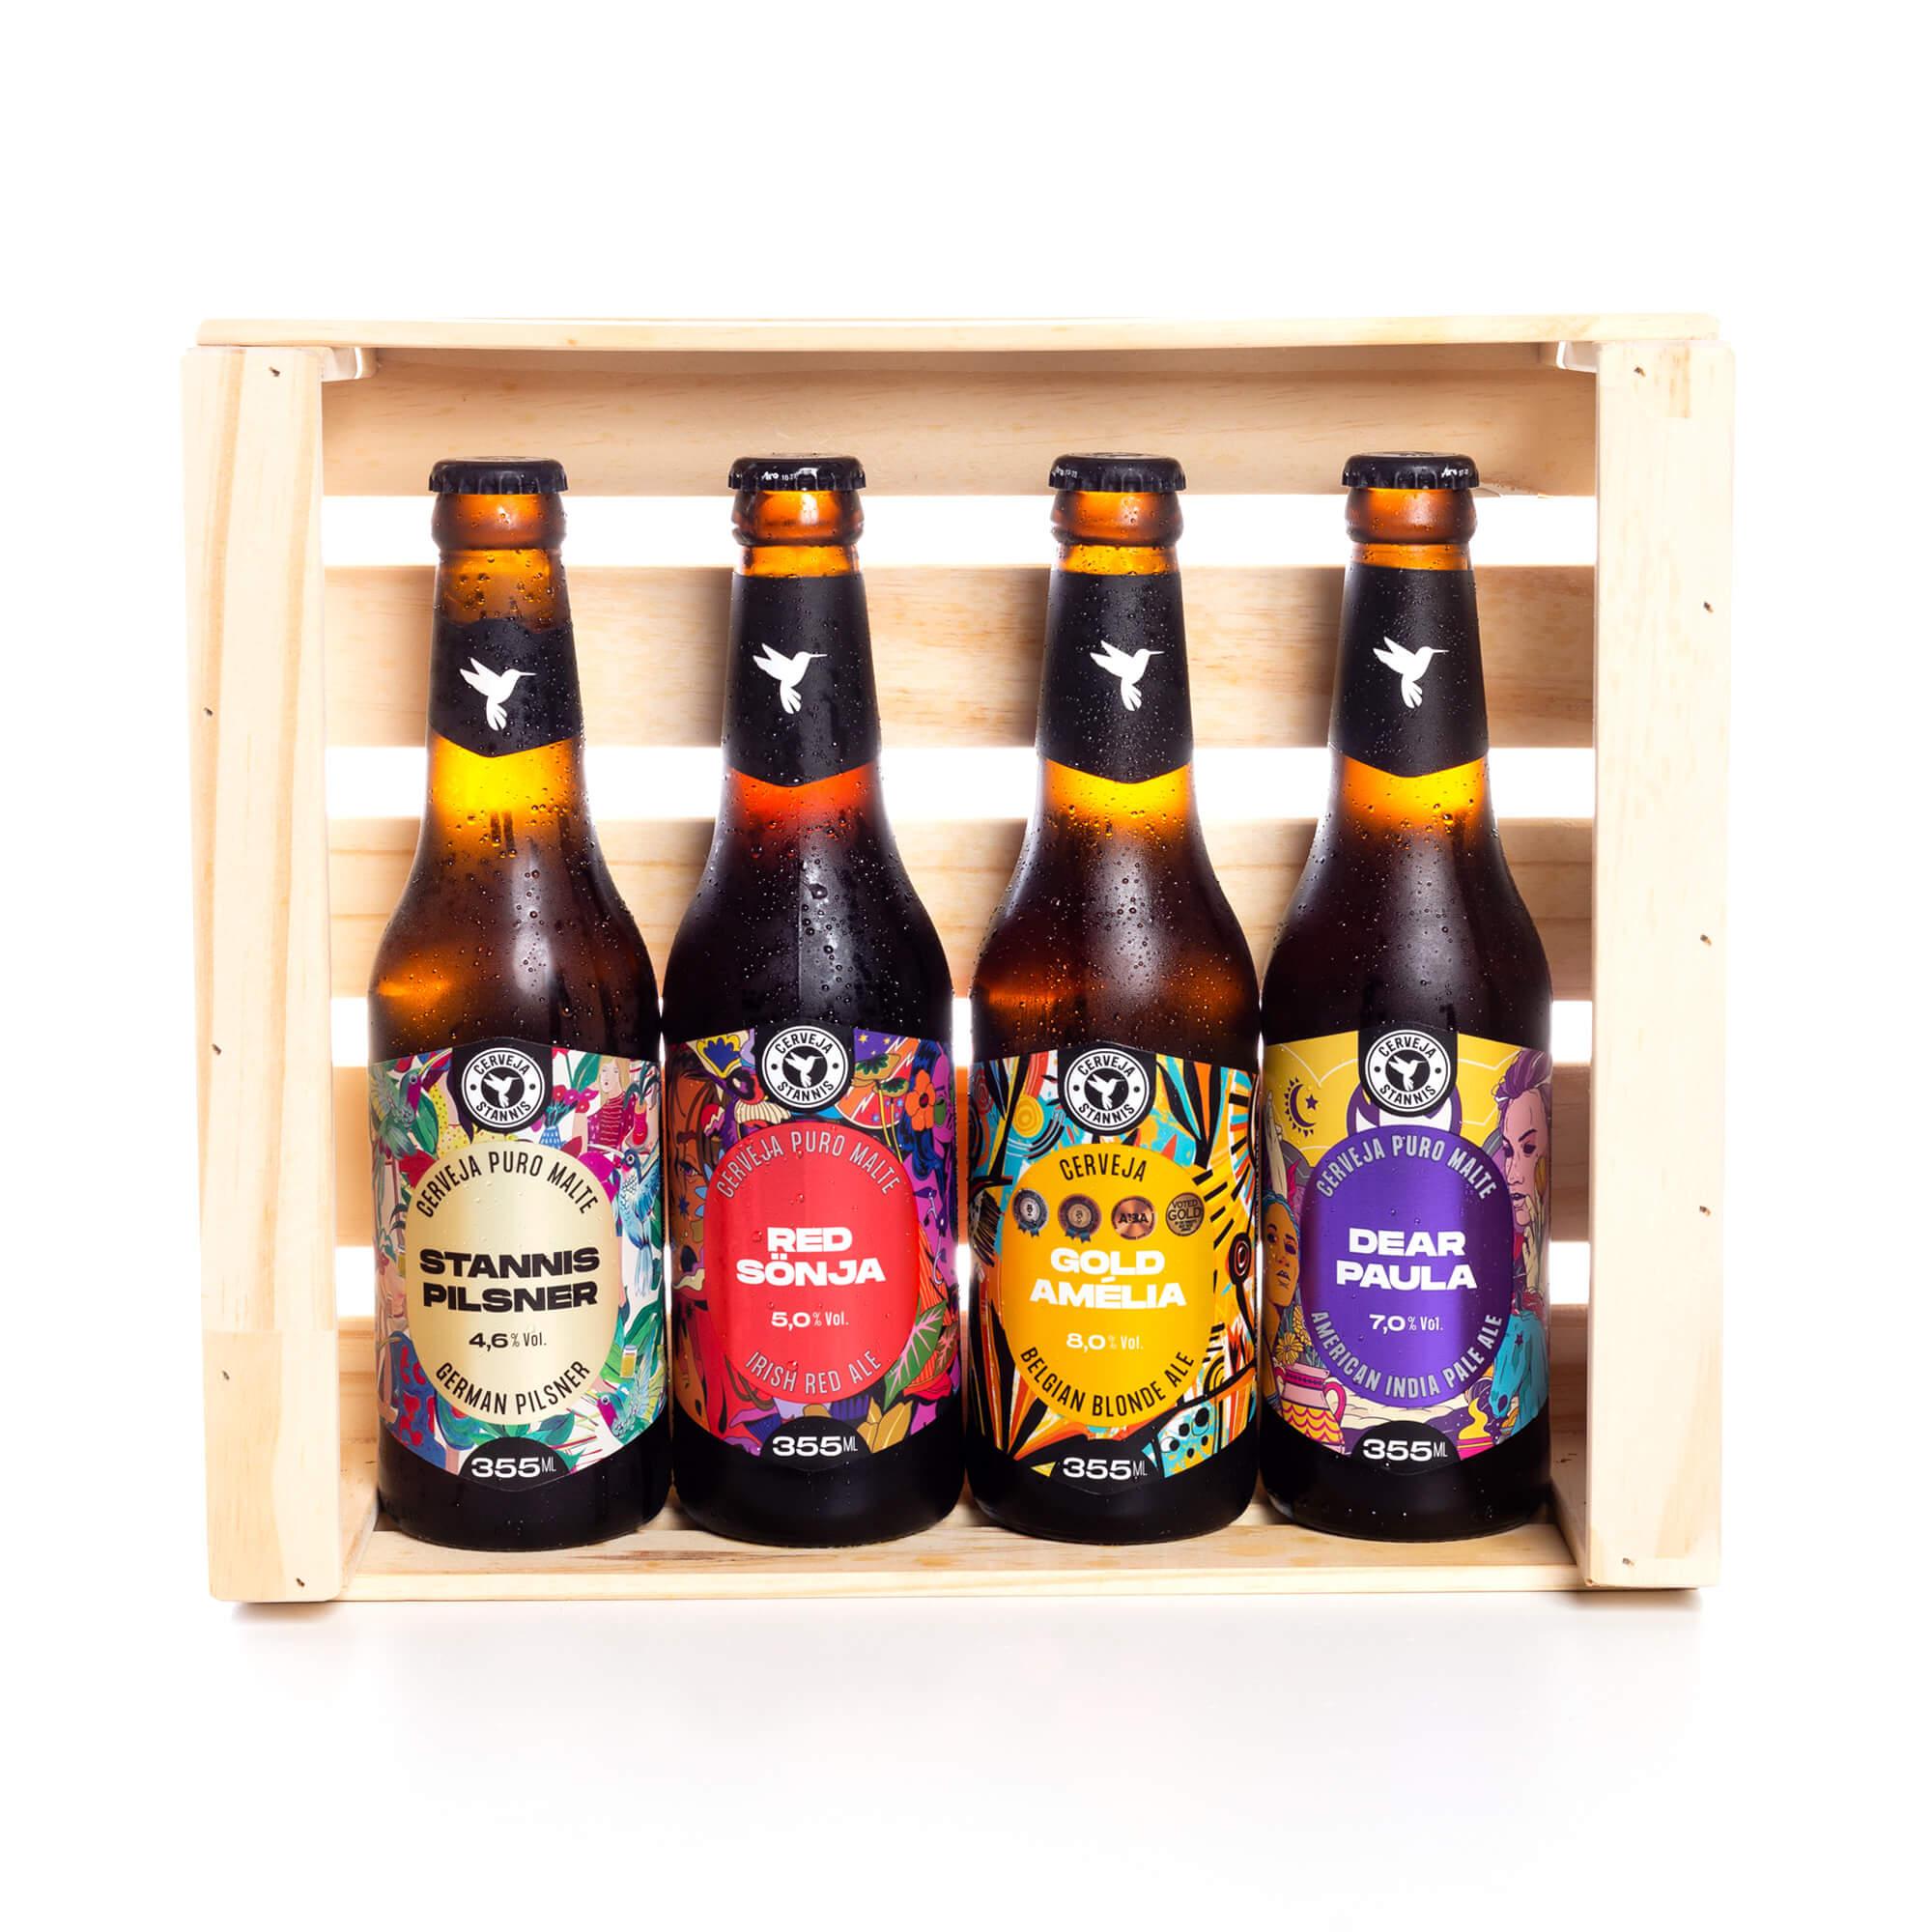 Kit Presente Mestre das Cervejas